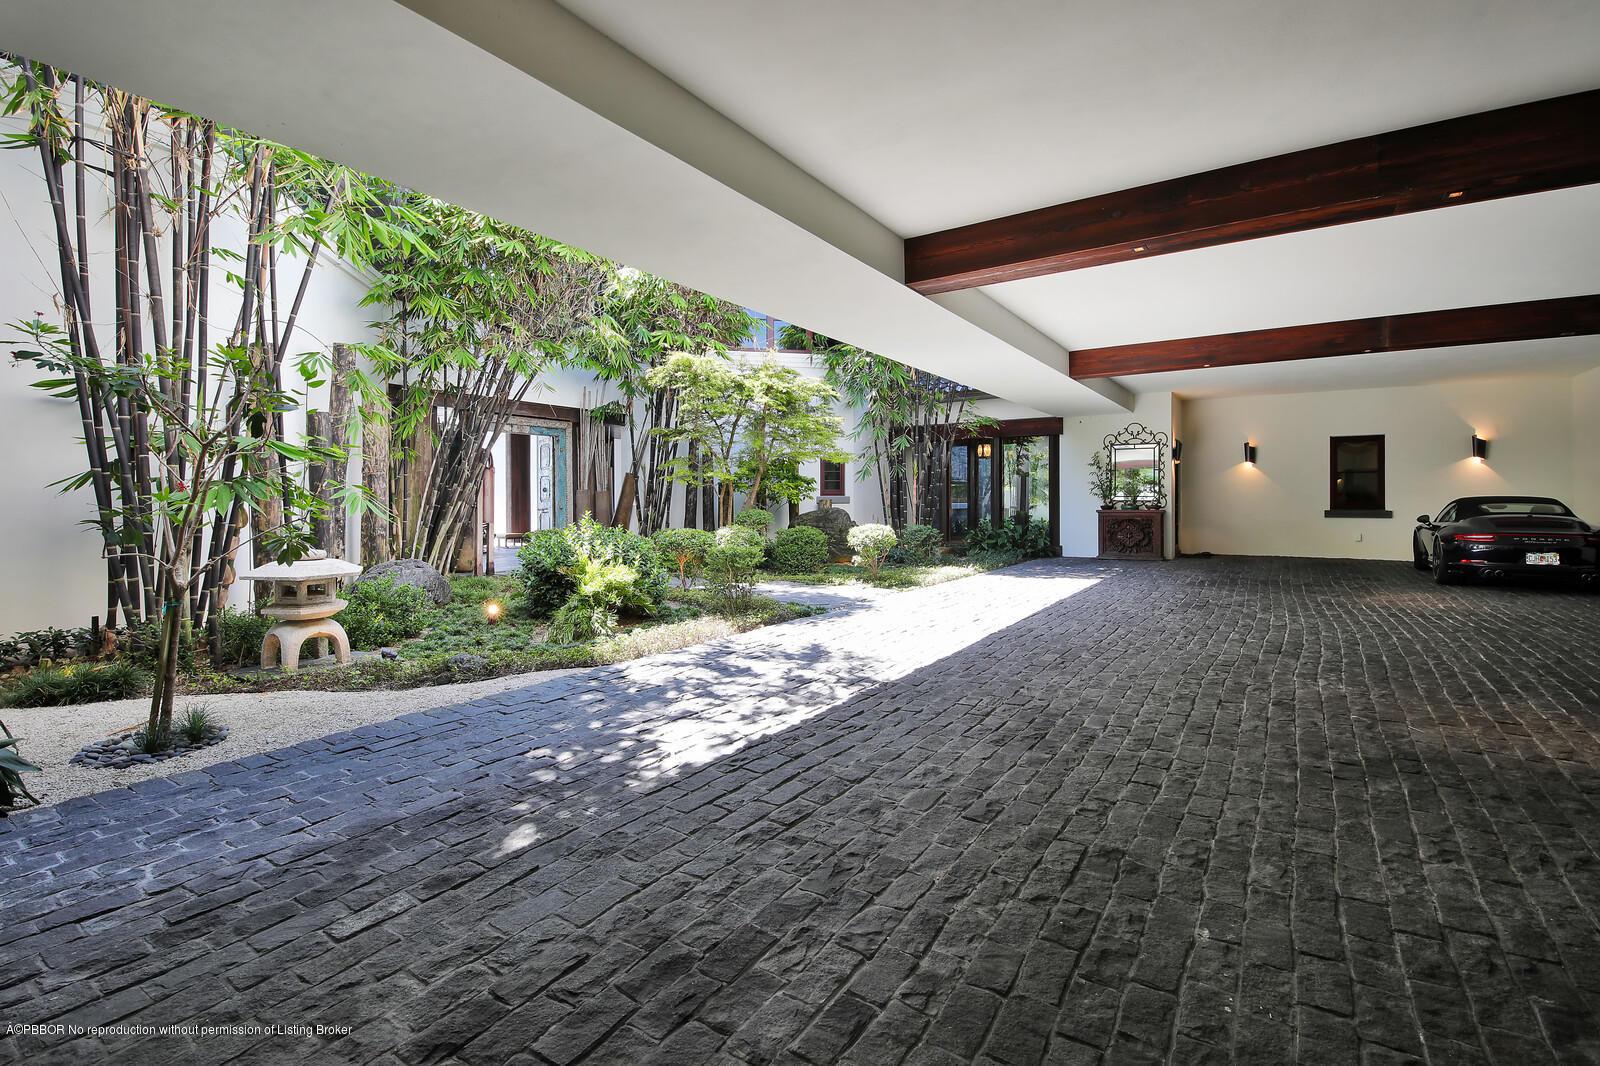 1790 S Ocean Boulevard Manalapan, FL 33462